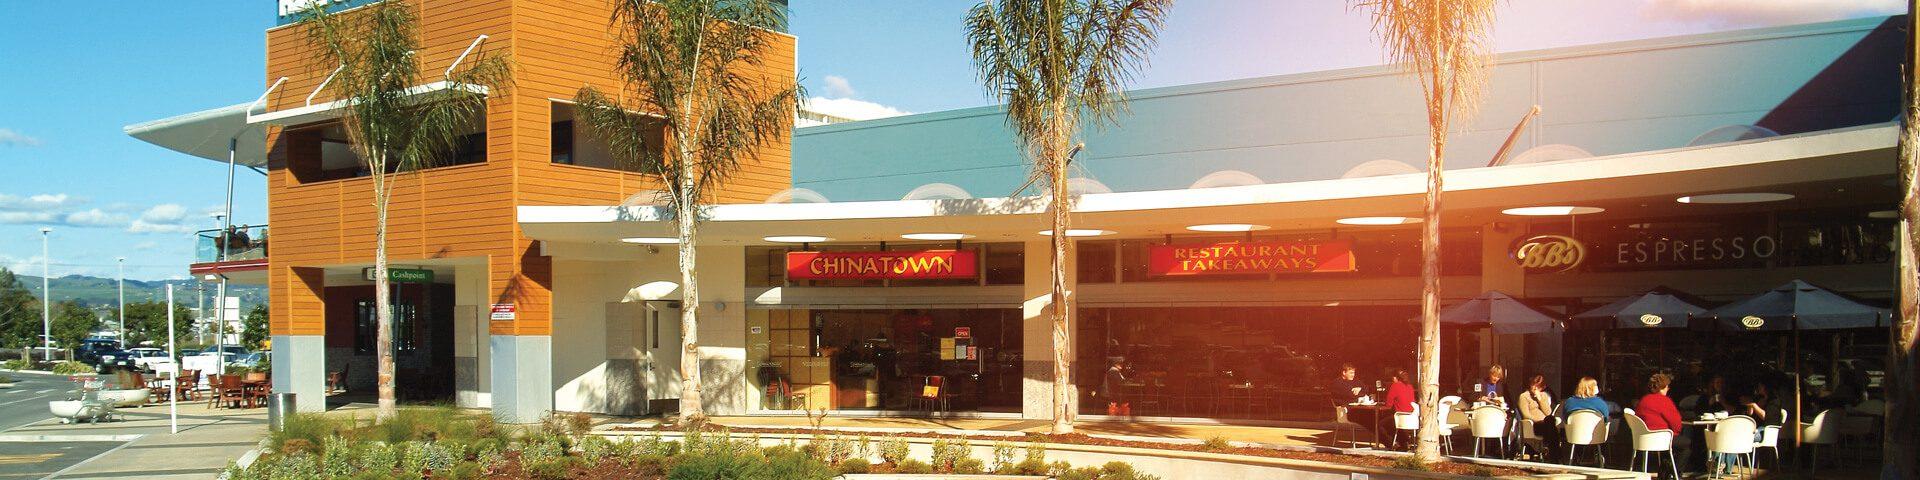 Fraser Cove shopping centre